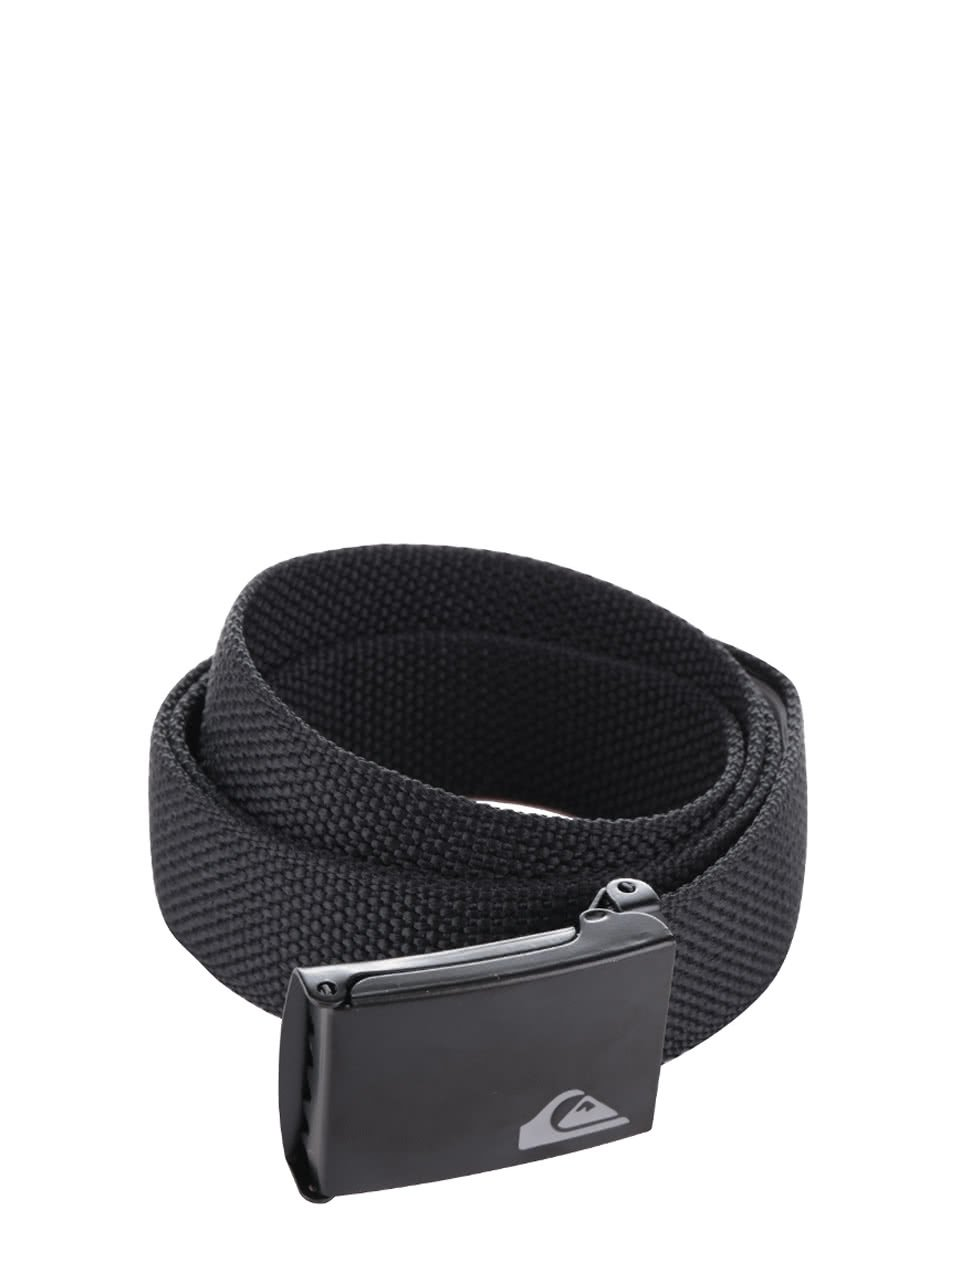 Černý pánský pásek s kovovou přeskou Quiksilver Principle